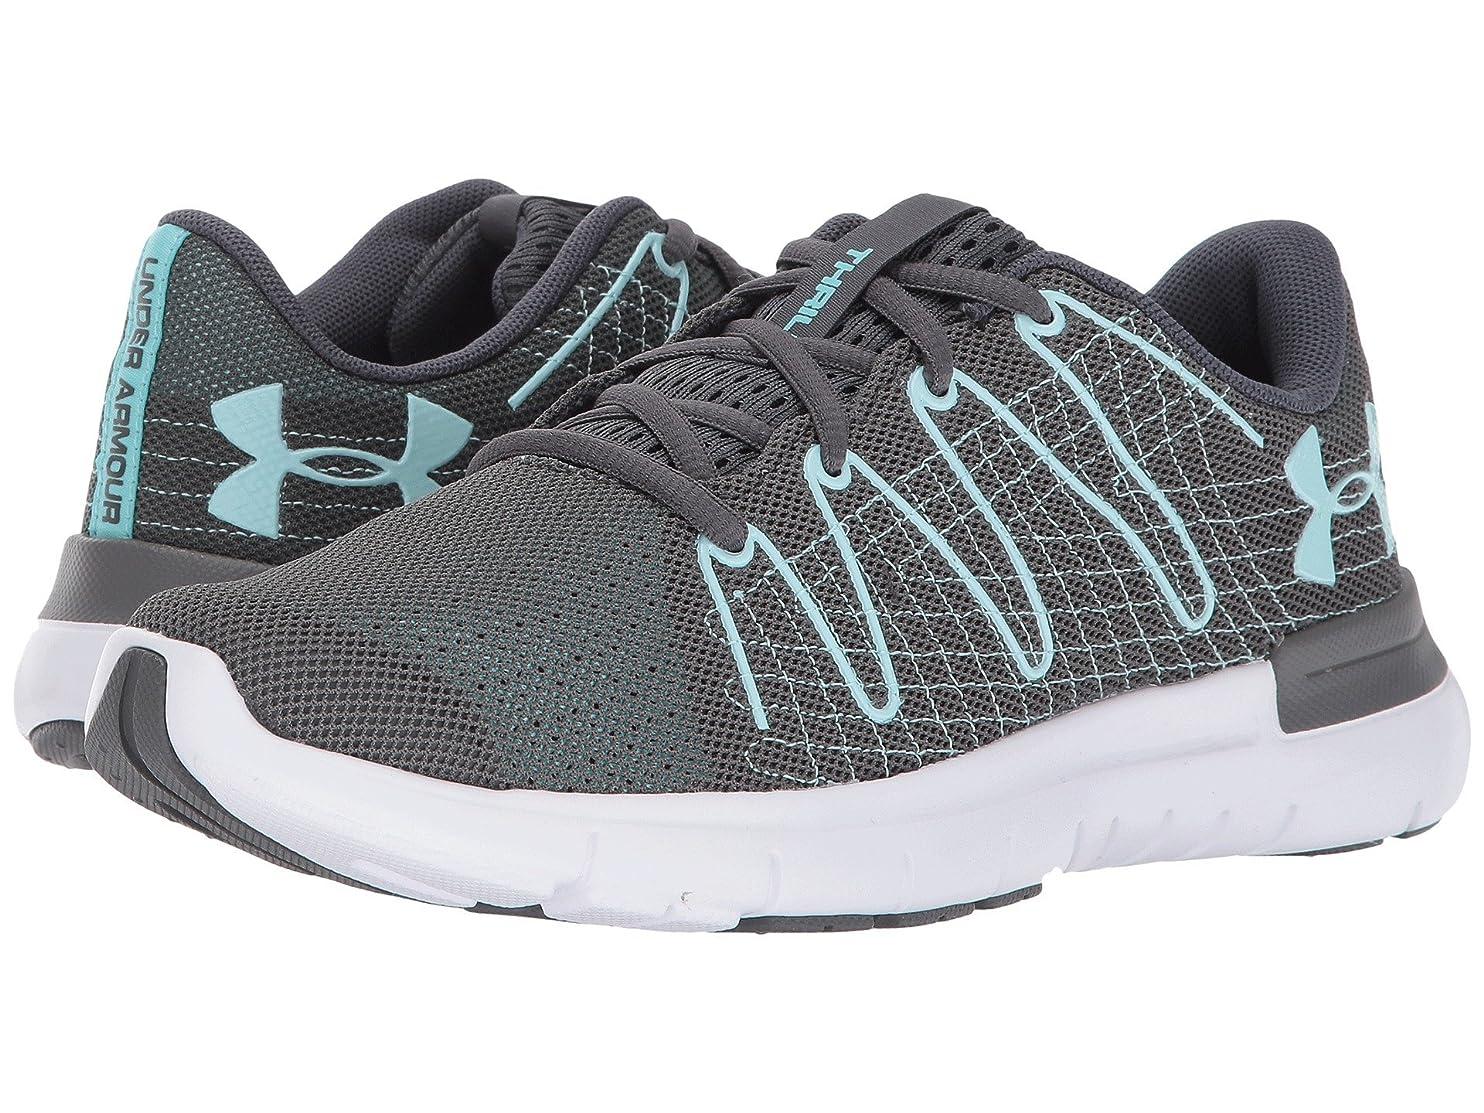 些細鳴らす不快な(アンダーアーマー) UNDER ARMOUR レディースランニングシューズ?スニーカー?靴 Thrill 3 Rhino Gray/White/Blue Infinity 7.5 (24.5cm) B - Medium